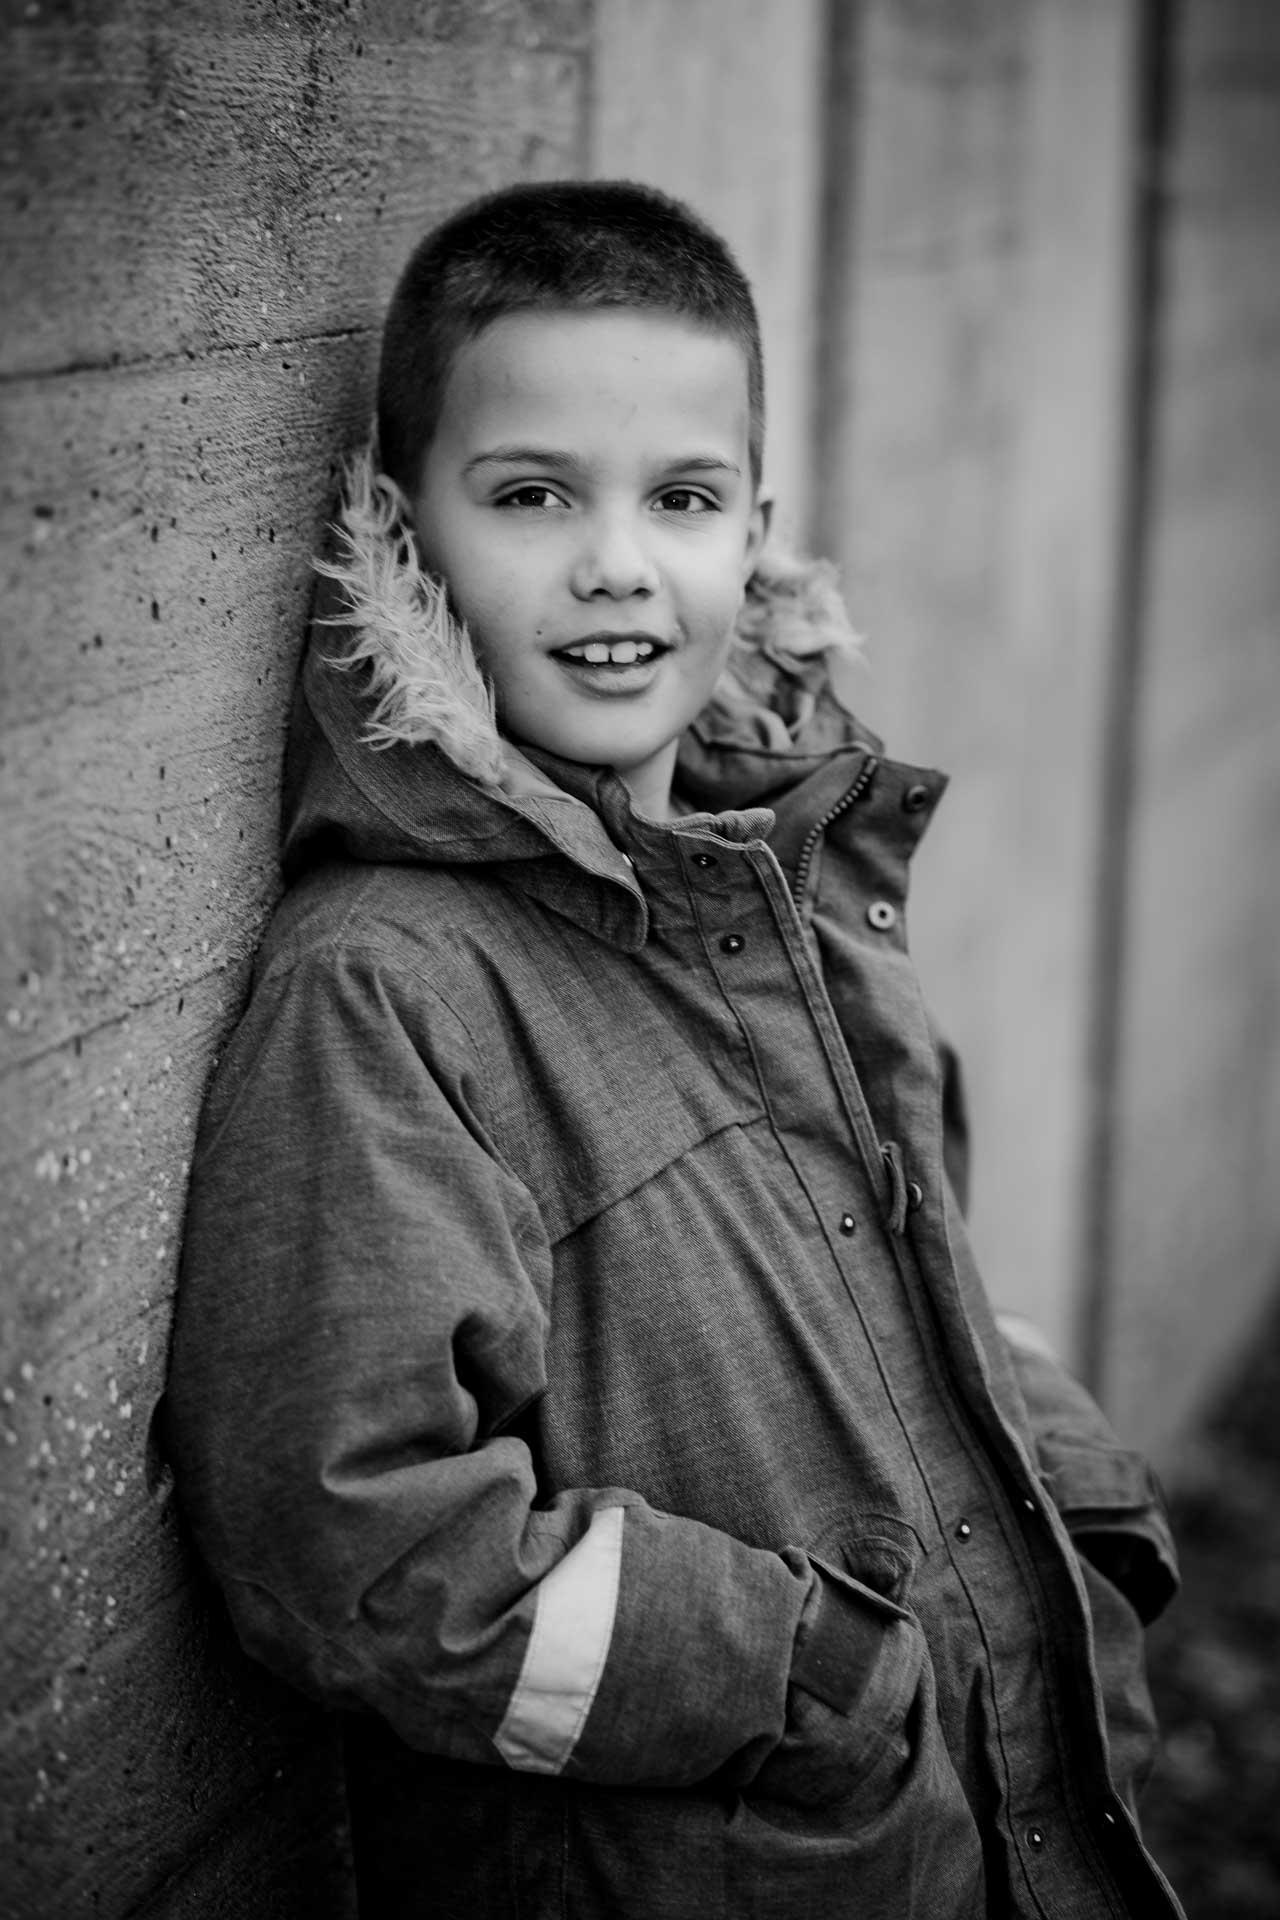 PORTRÆTFOTO af Børn Fredericia